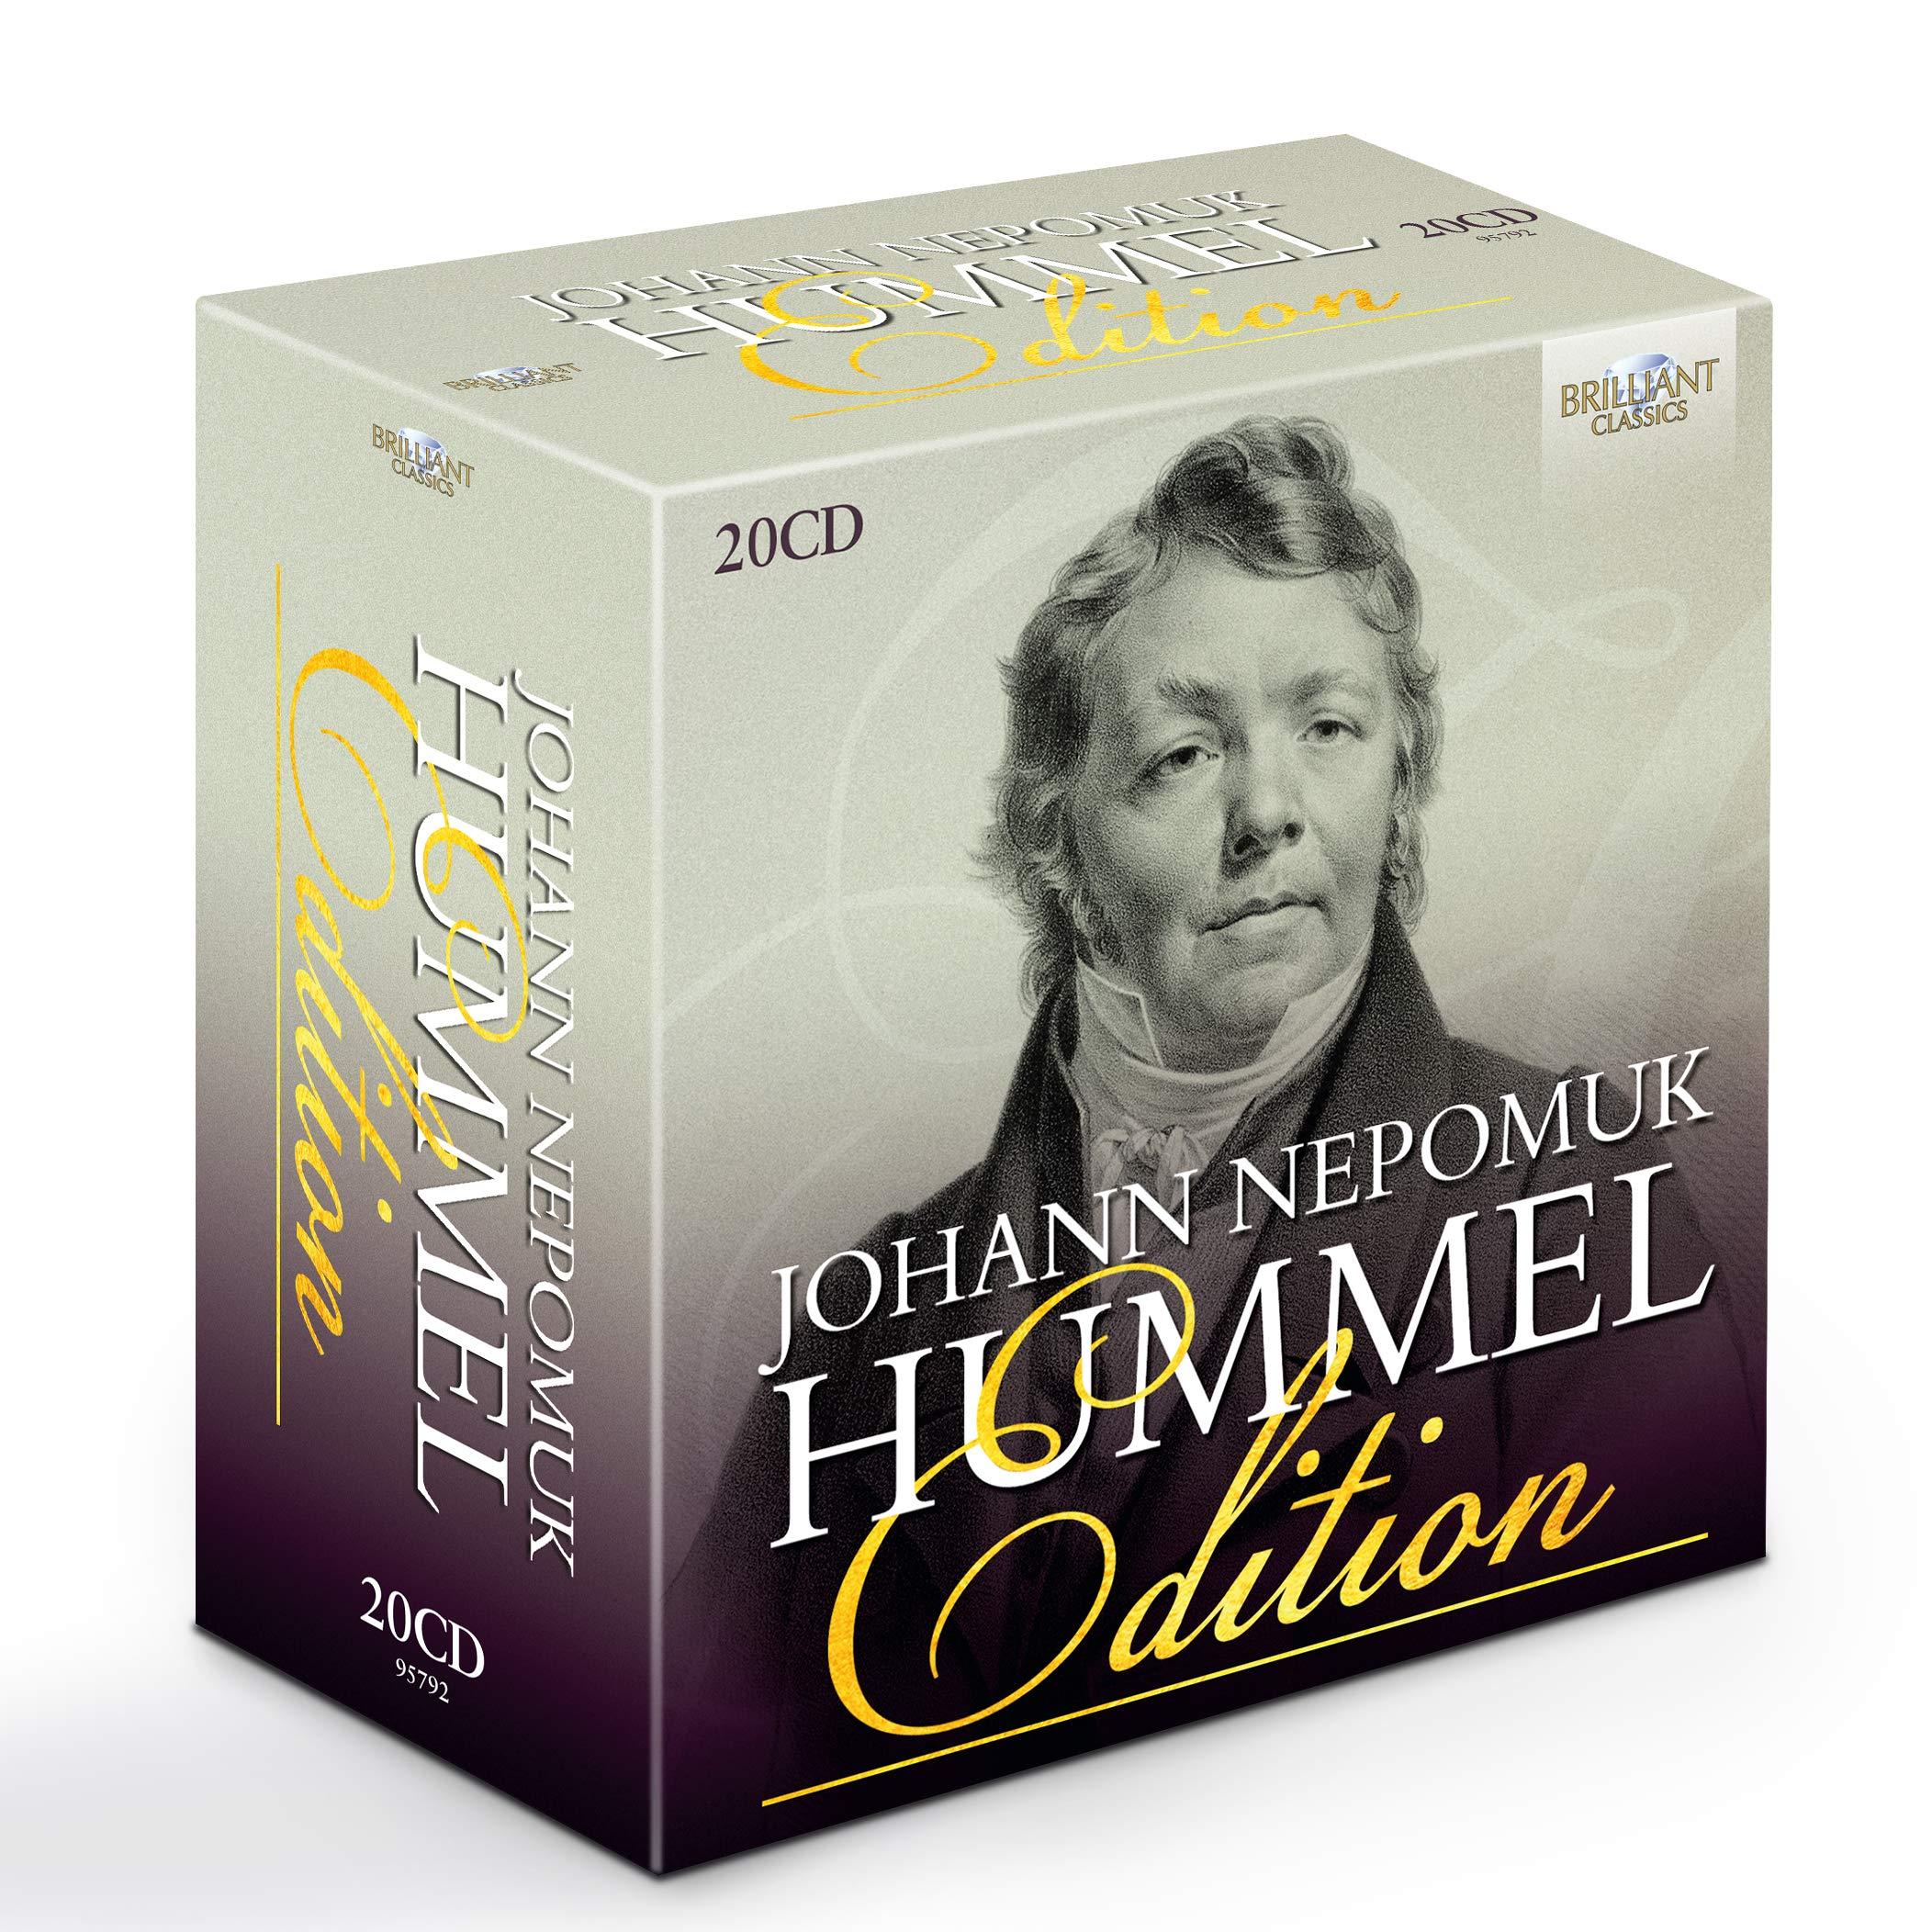 Hummel Edition by Brilliant Classics